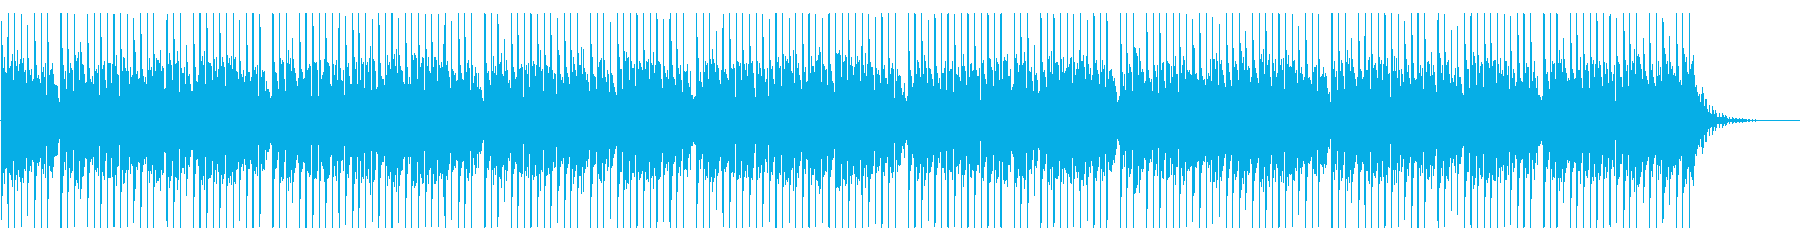 怒れる壮大なドラムソロの再生済みの波形